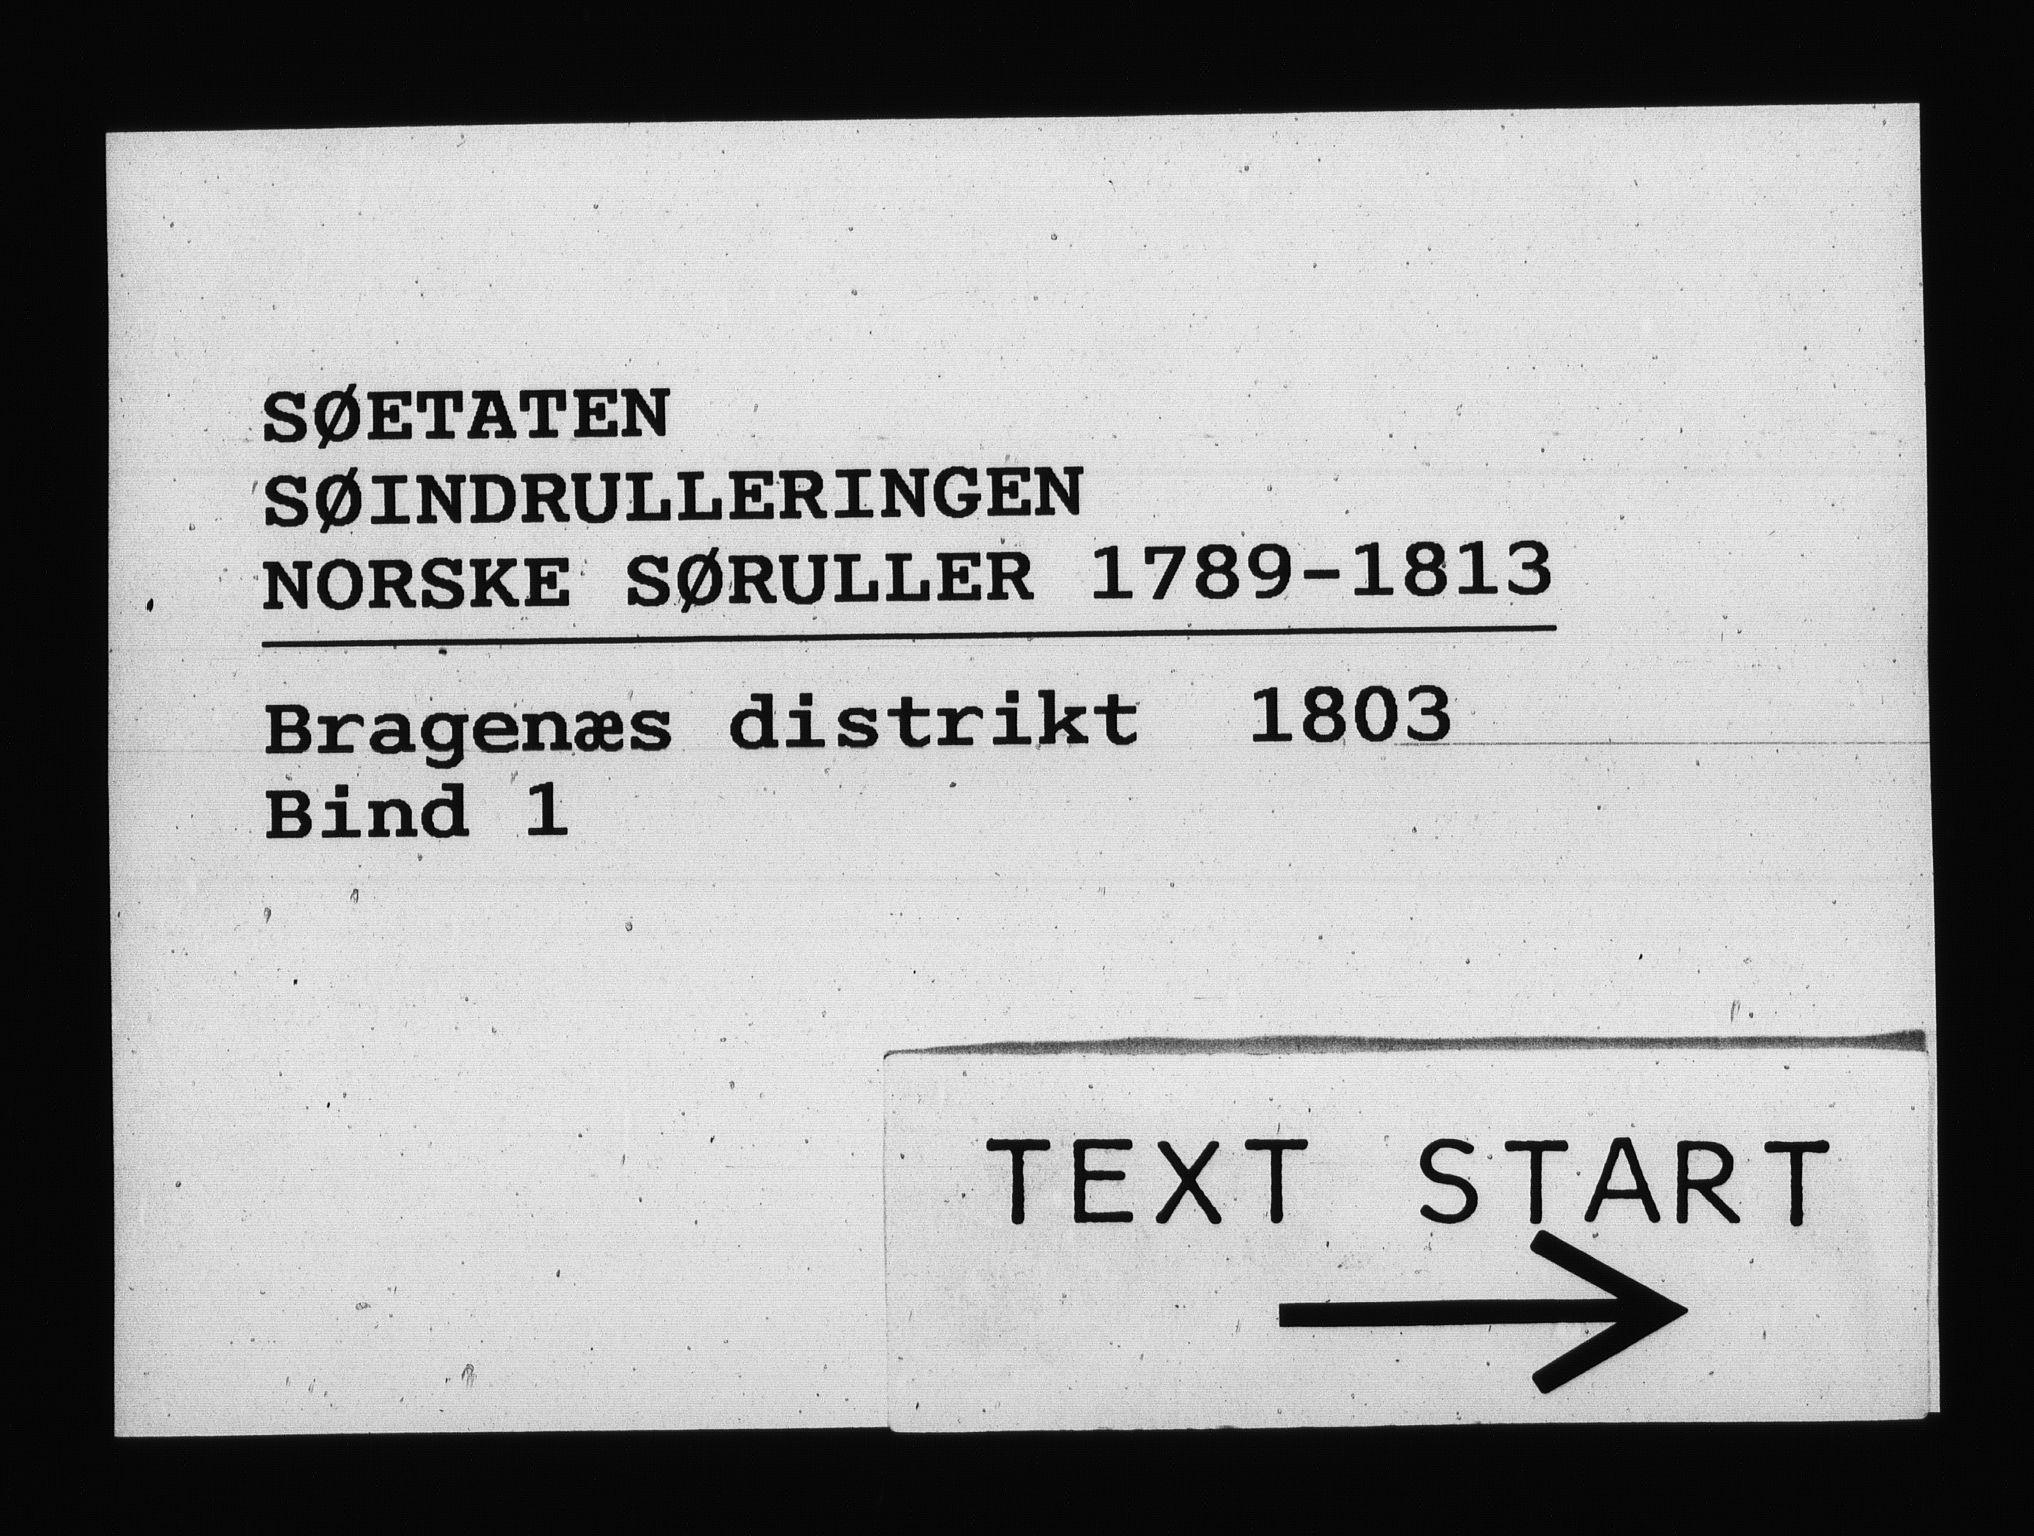 RA, Sjøetaten, F/L0146: Bragernes distrikt, bind 1, 1803